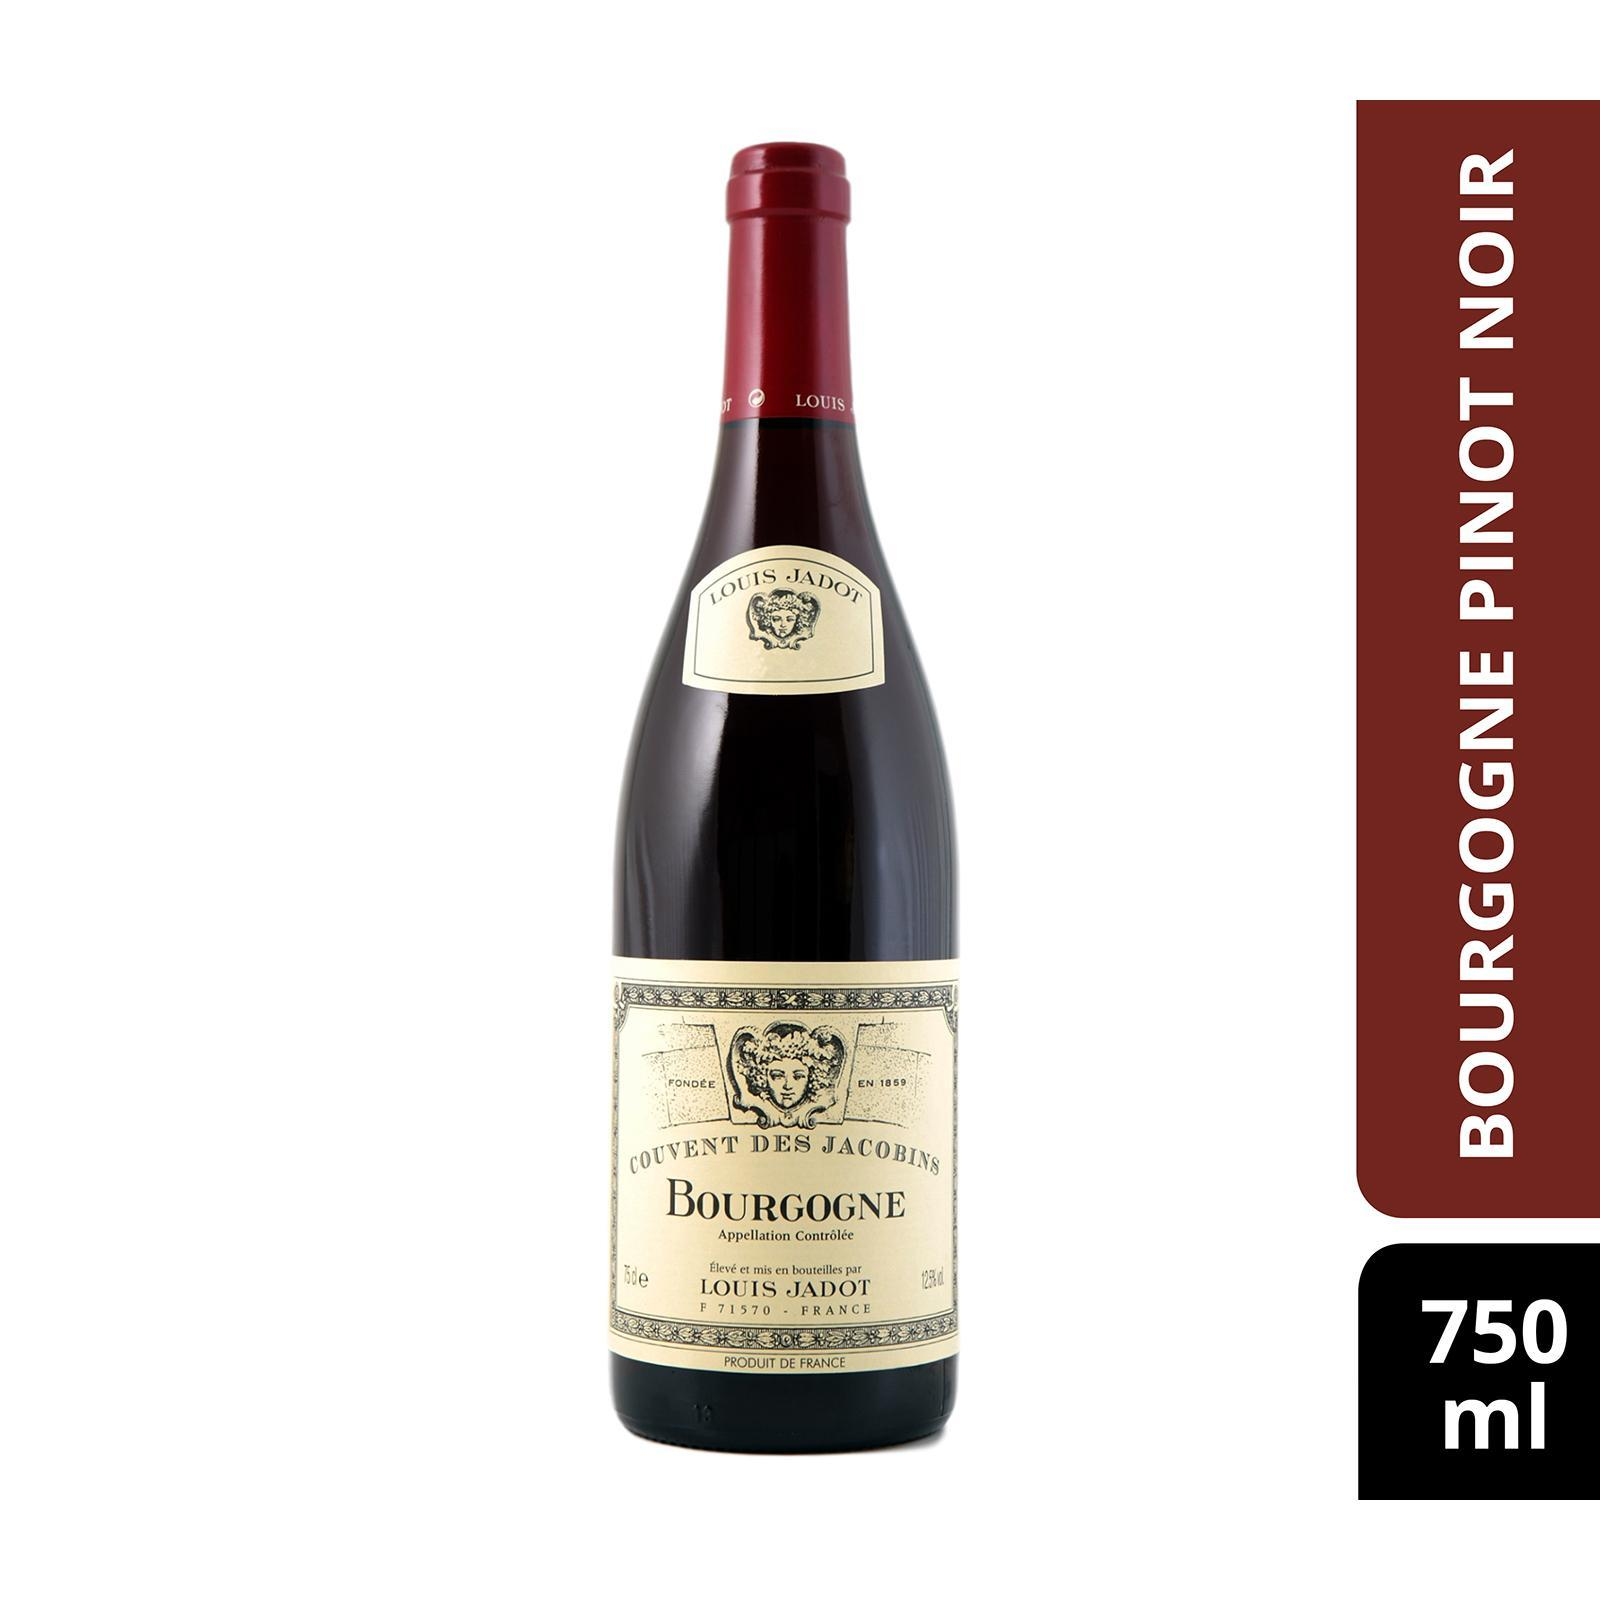 Louis Jadot Couvent Des Jacobins Bourgogne Pinot Noir - By Epicurie